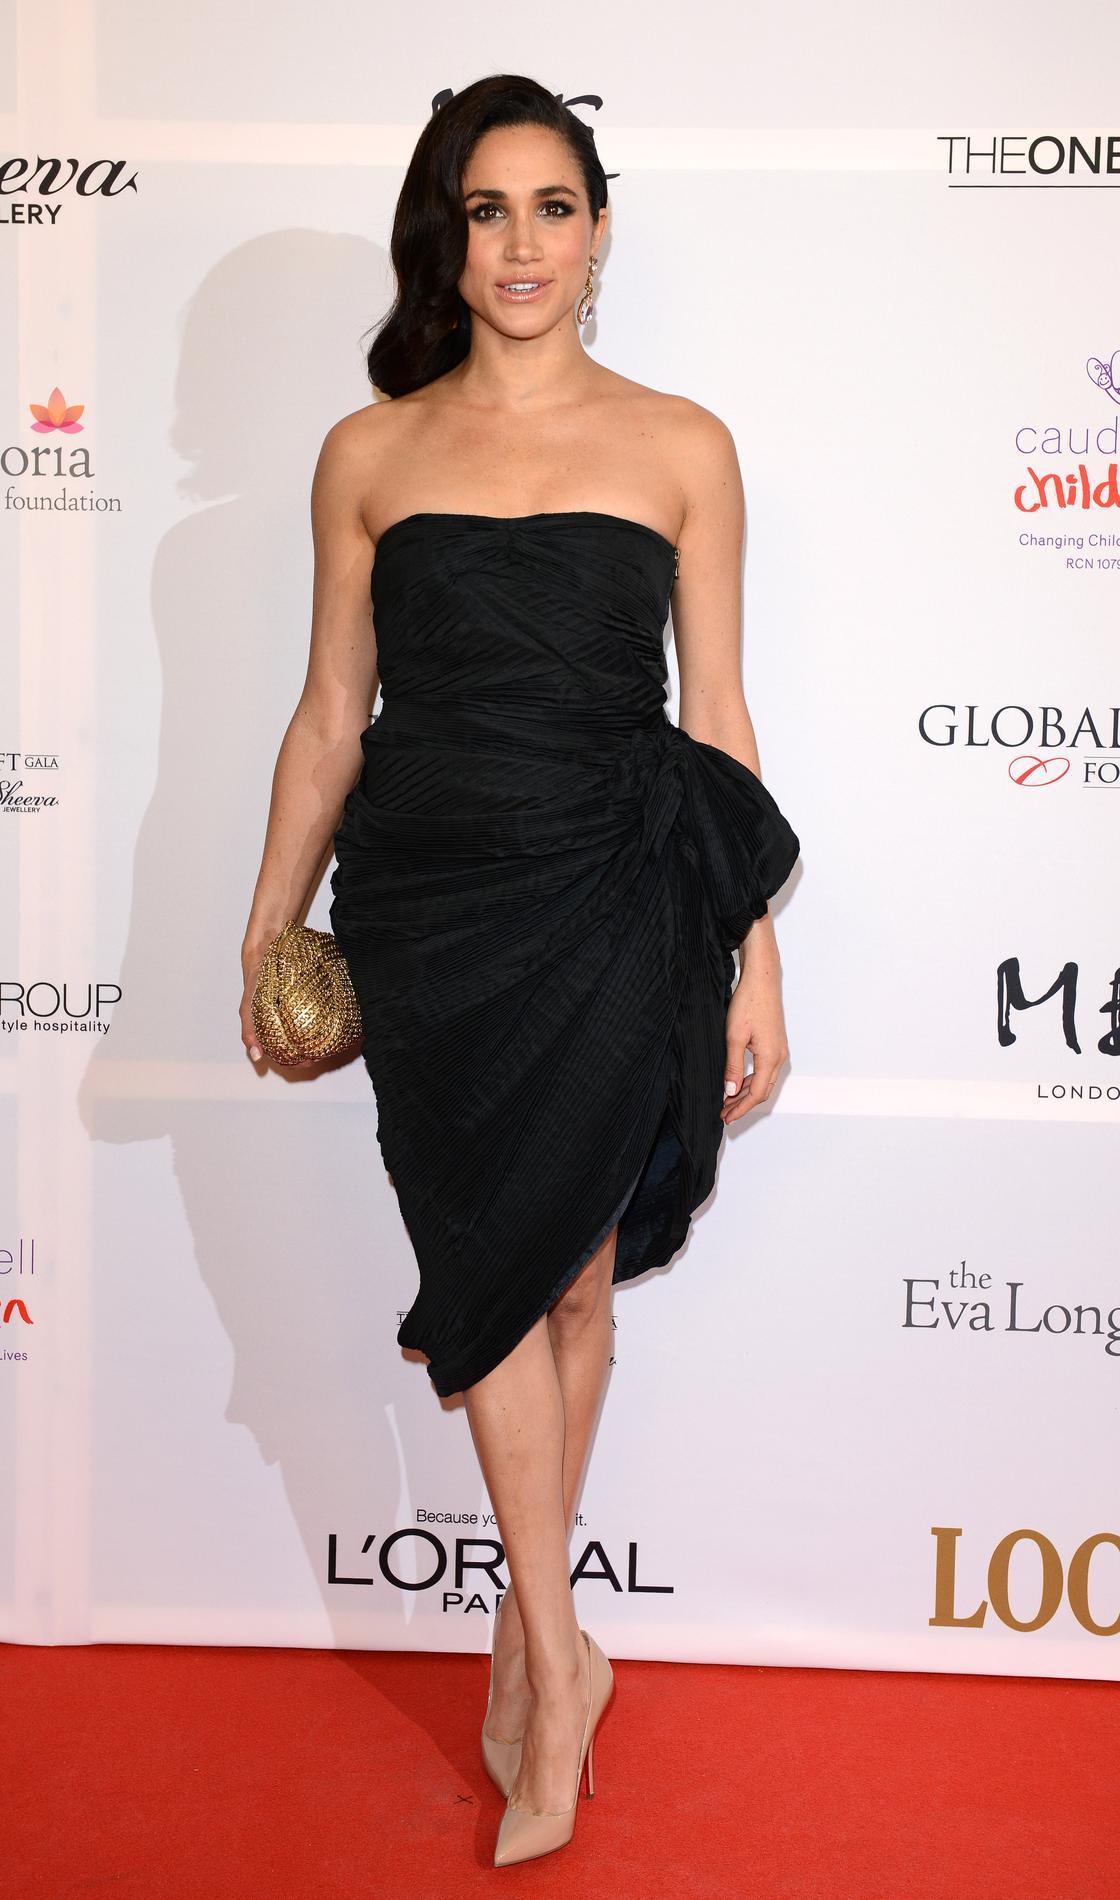 a81ba46db64 ... une Kate Middleton à l américaine - Atout cuir Meghan Markle   une Kate  Middleton à l américaine - Belle tapisserie Meghan Markle   une Kate  Middleton à ...